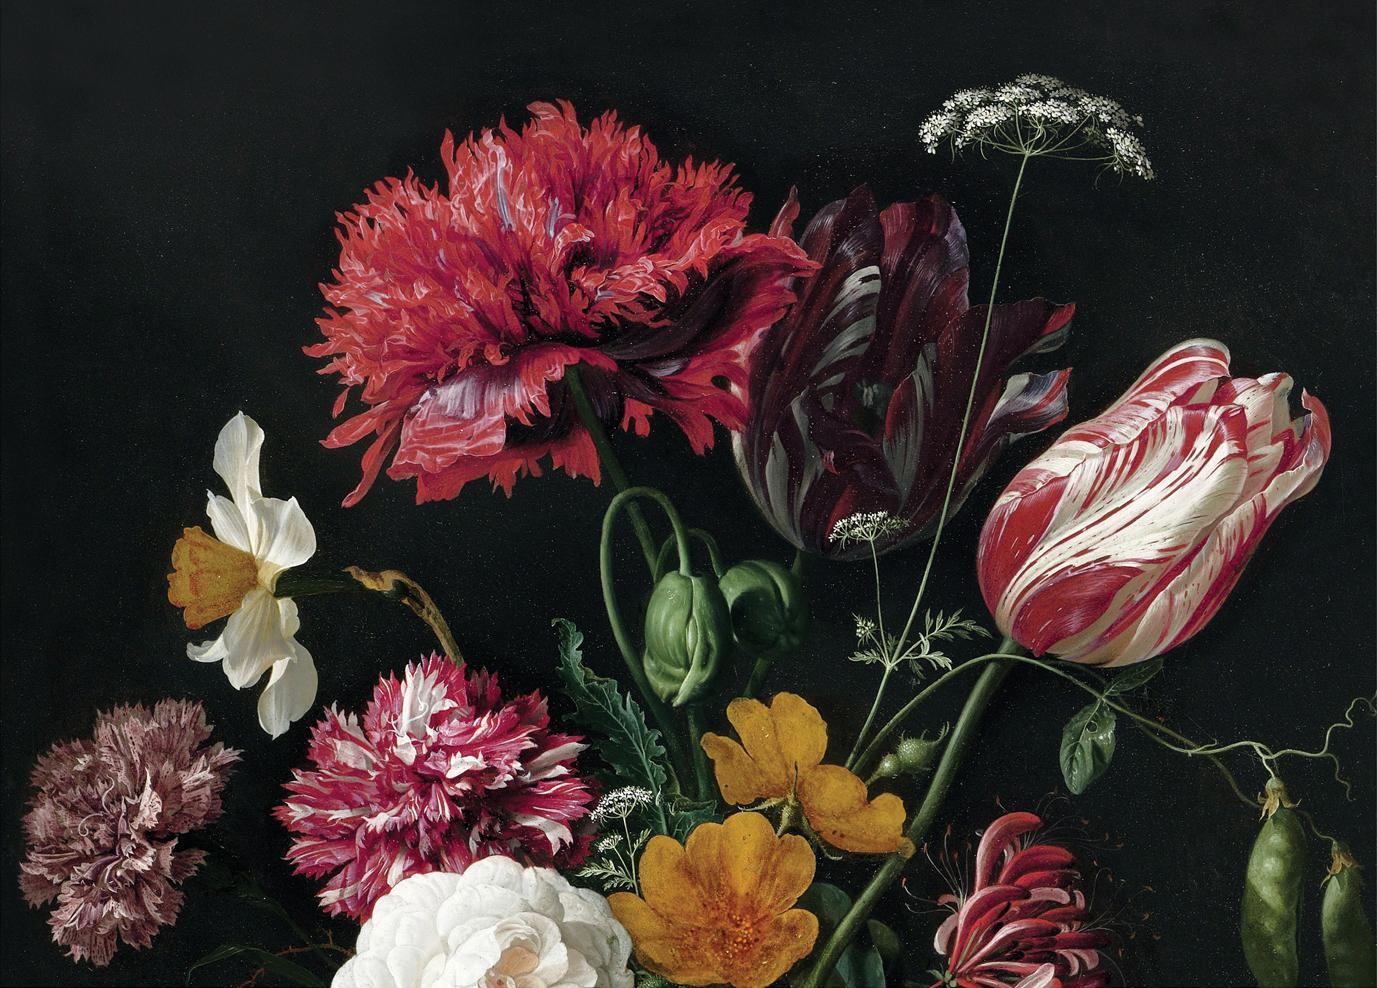 Fototapete Golden Age Flowers, Vlies, umweltfreundlich und biologisch abbaubar, Mehrfarbig, matt, 389 x 280 cm